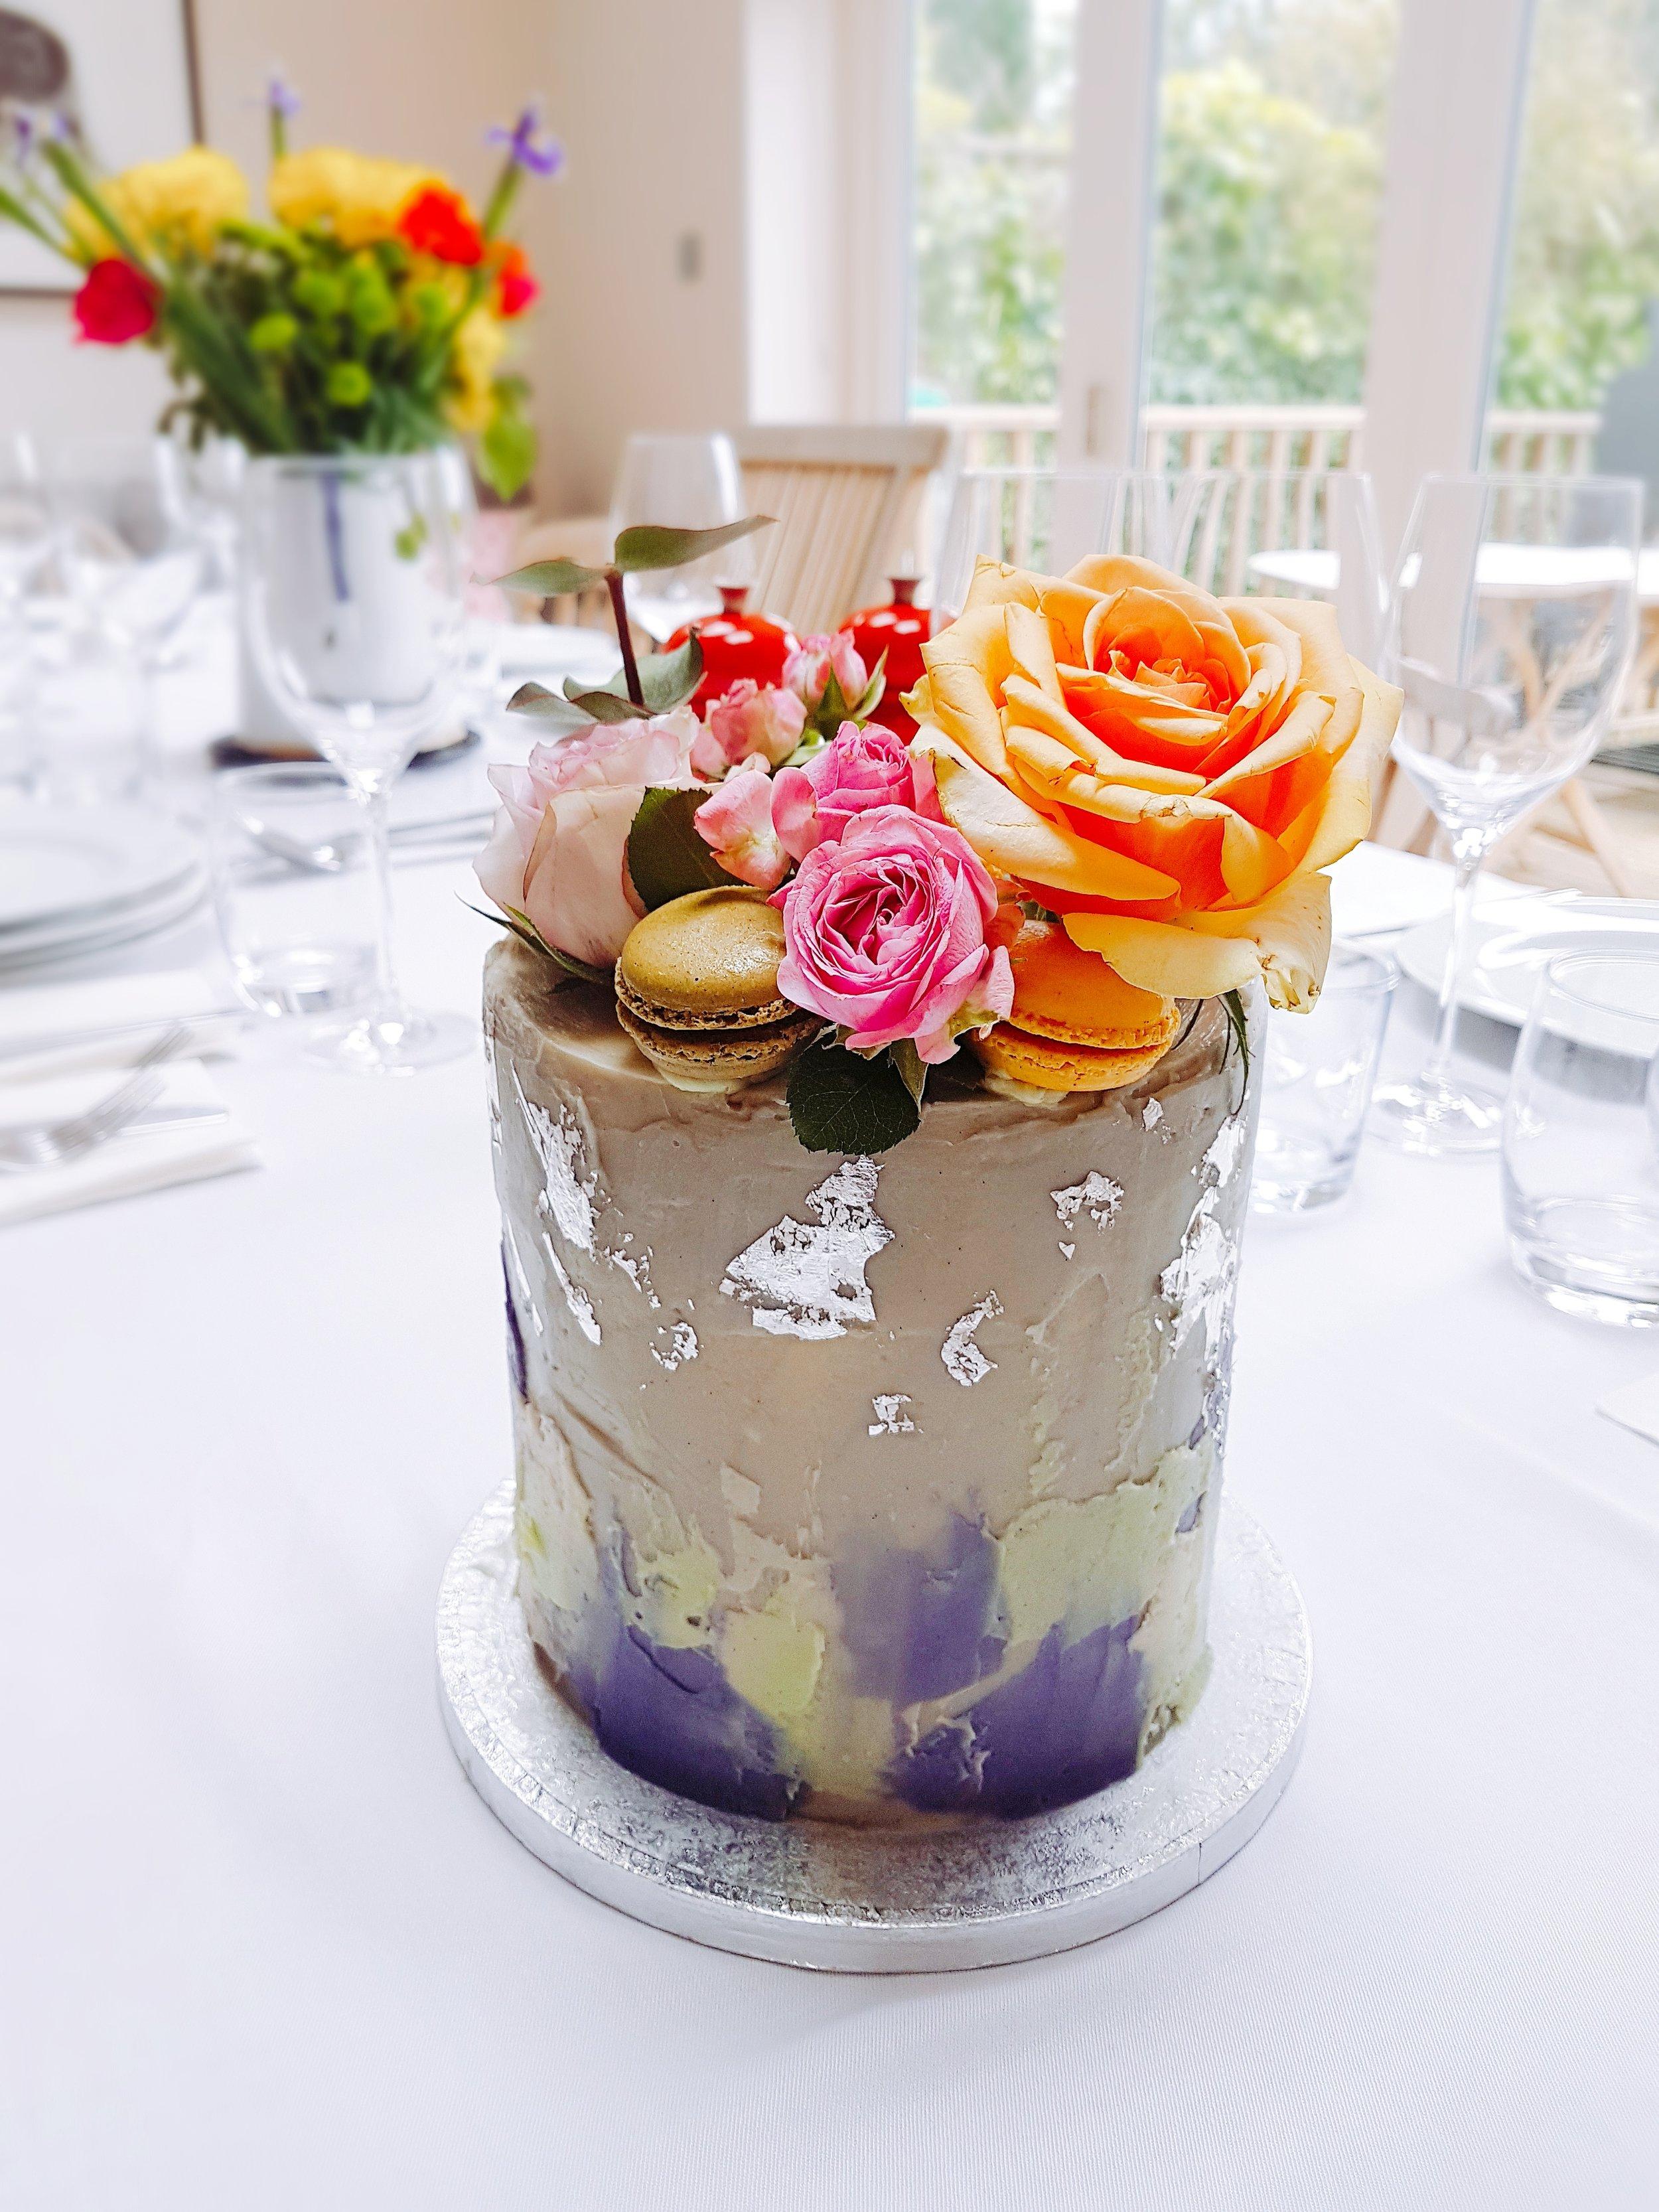 Irene birthday cake 2.jpg